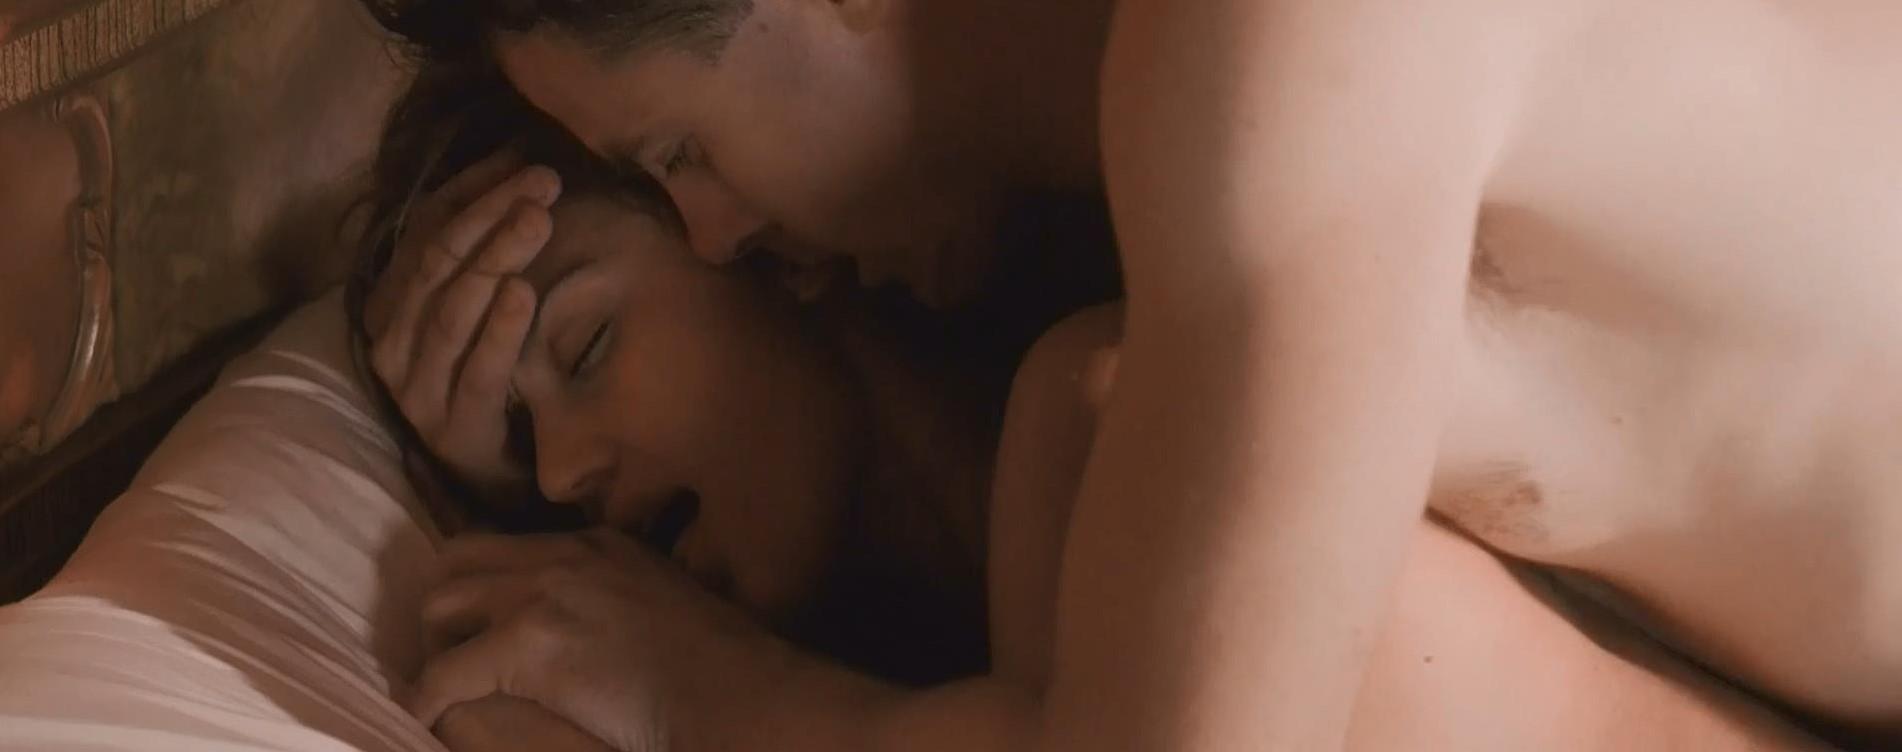 Jessica Alba leaked nude